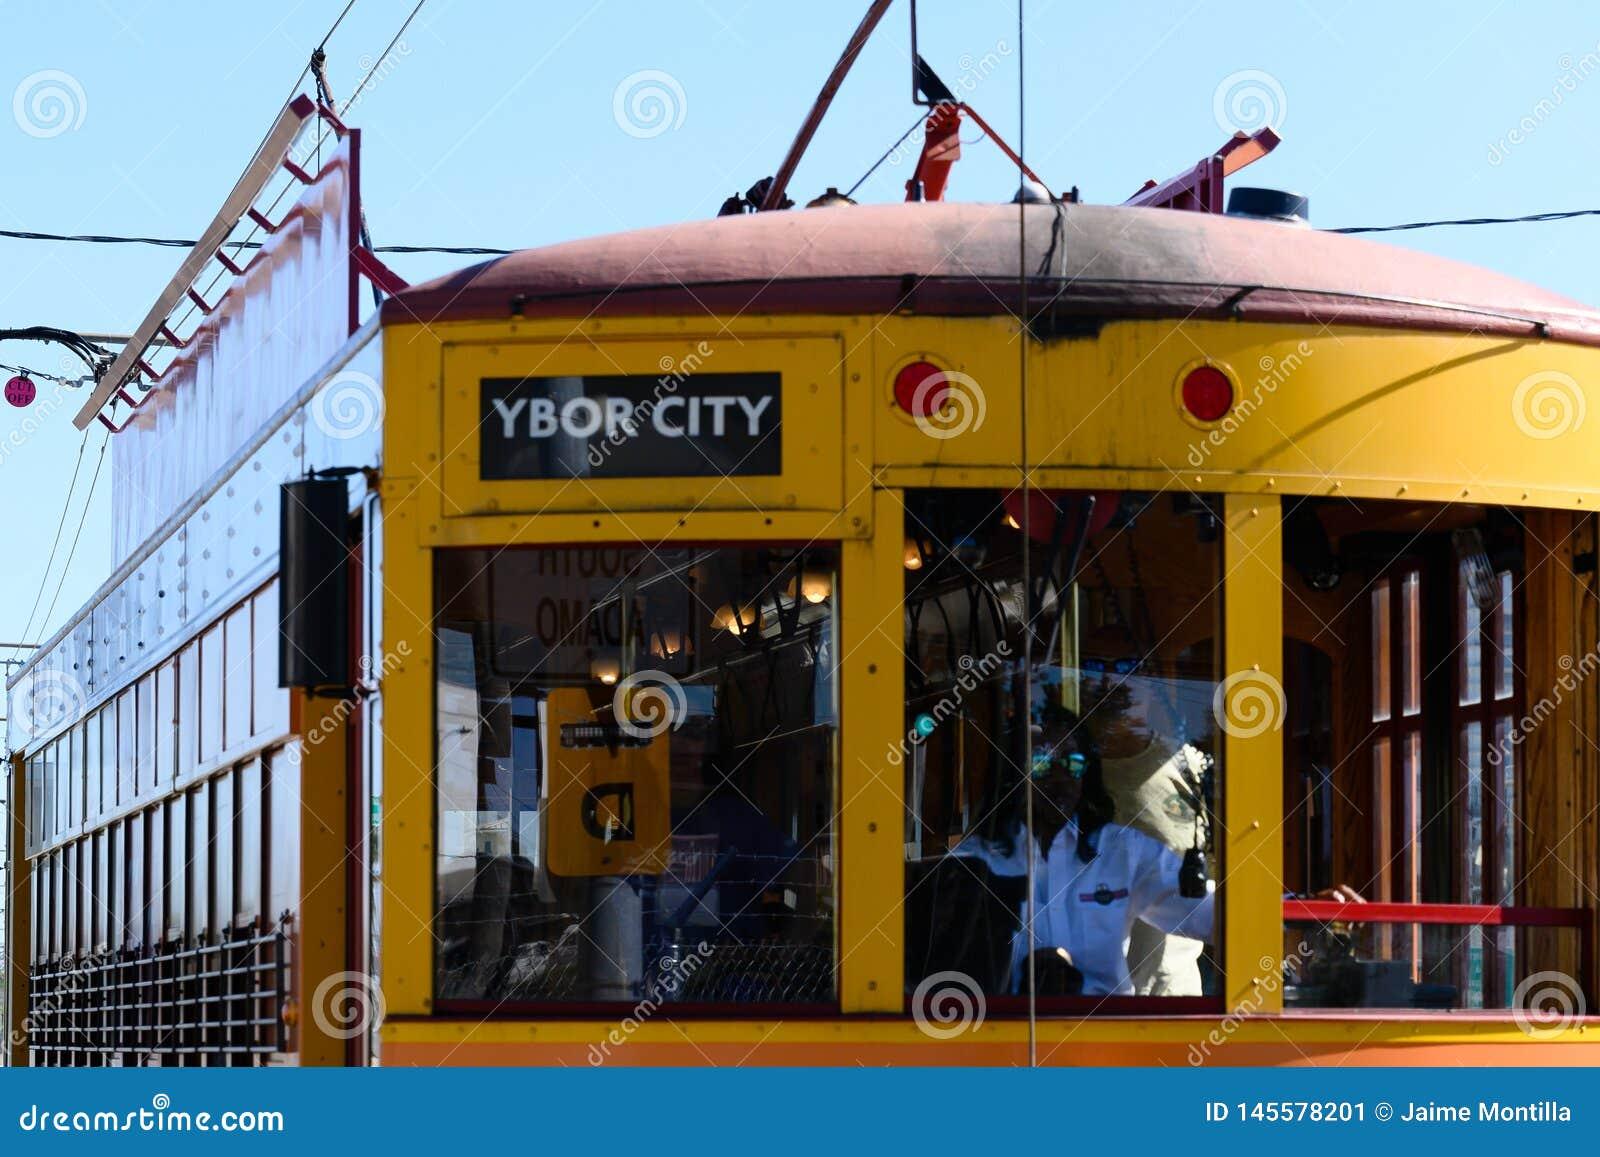 Trole da cidade de Ybor